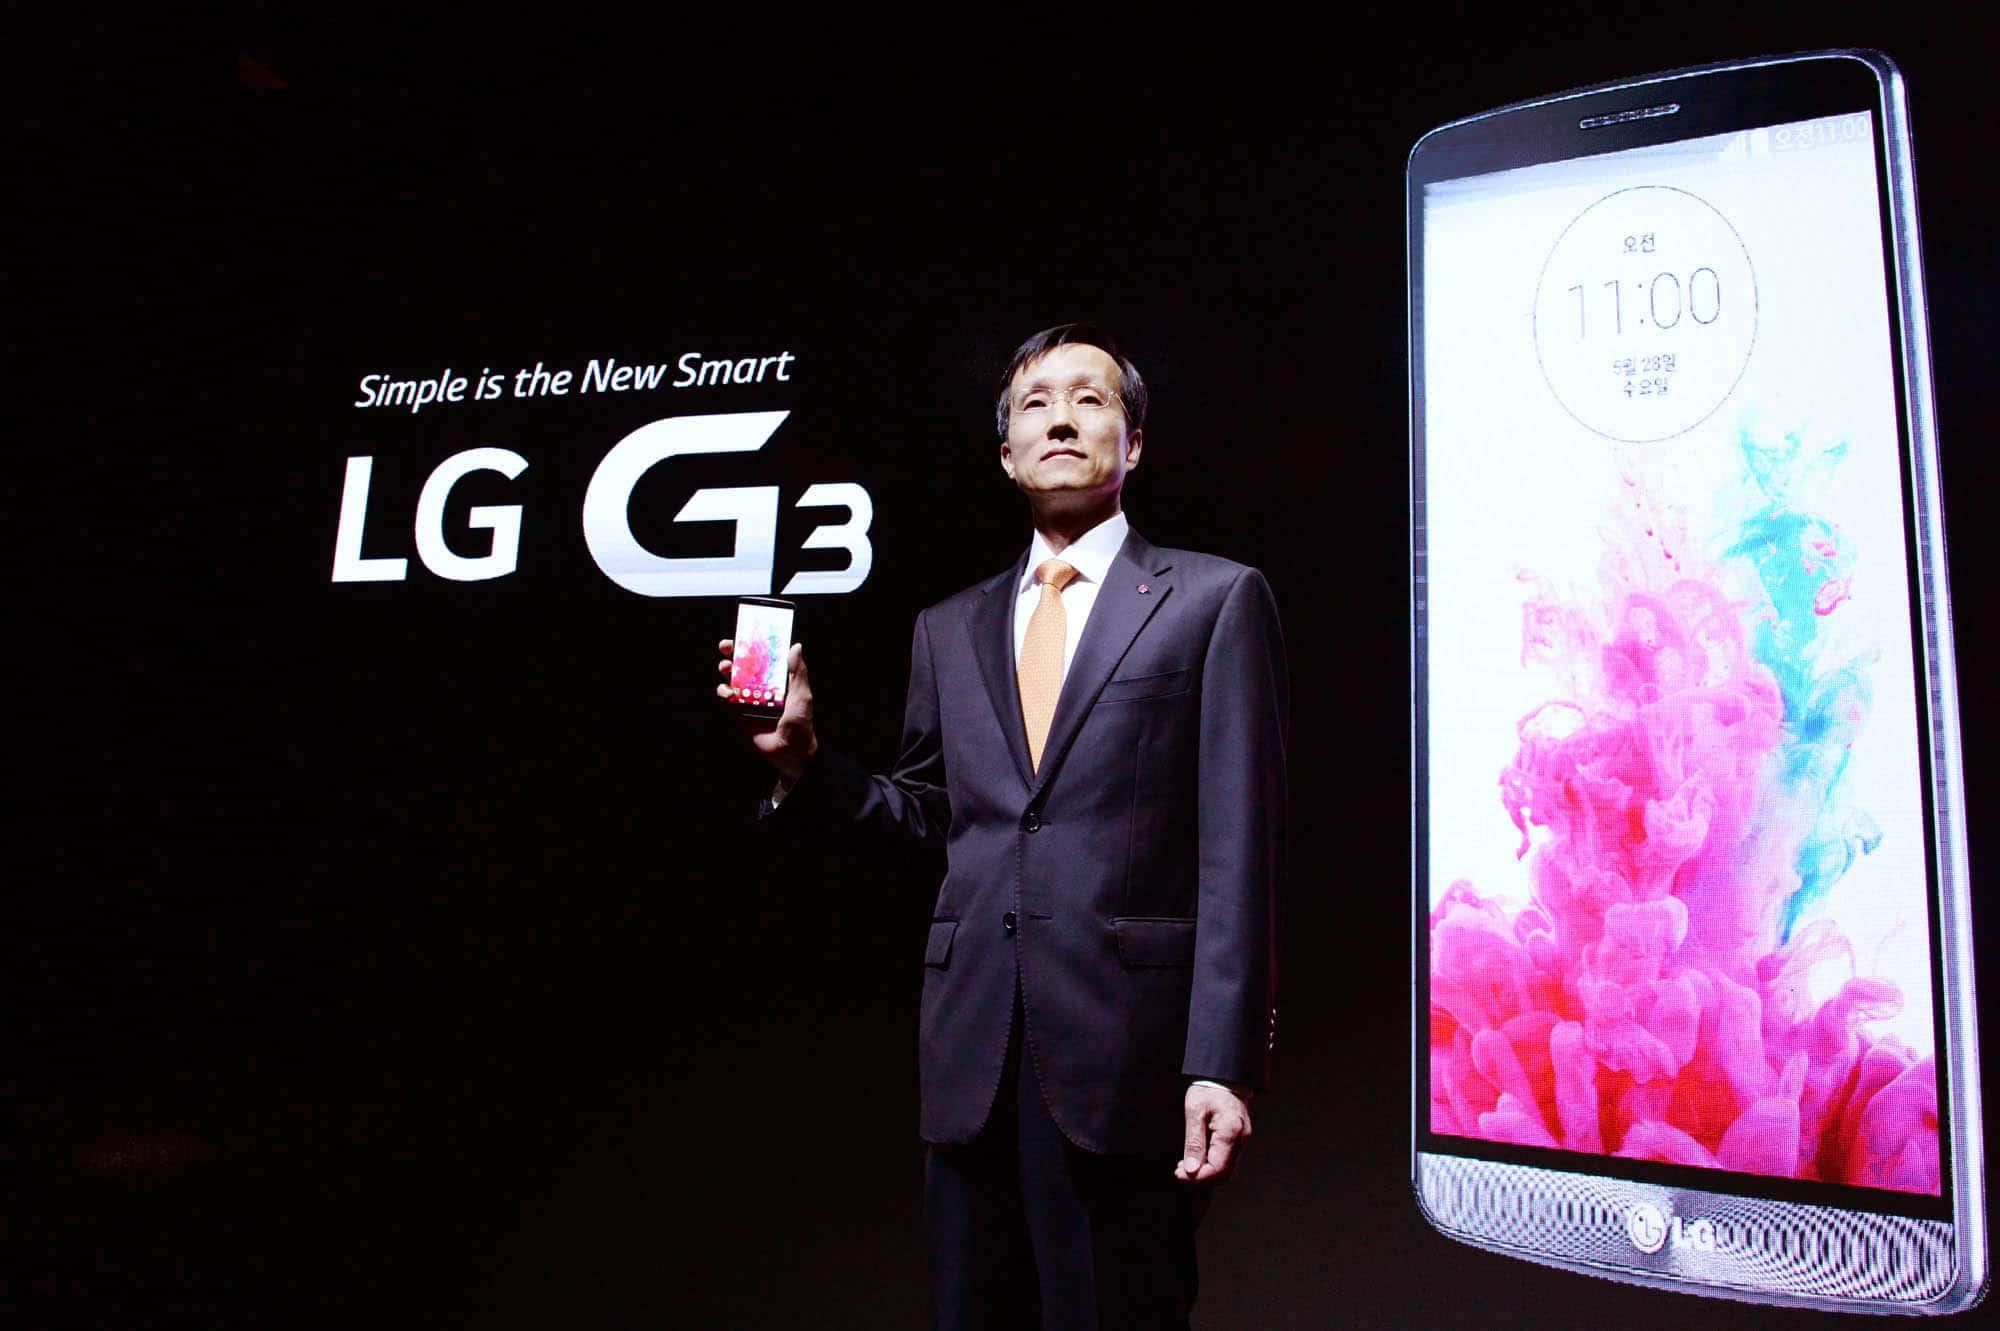 LG-G3-President2